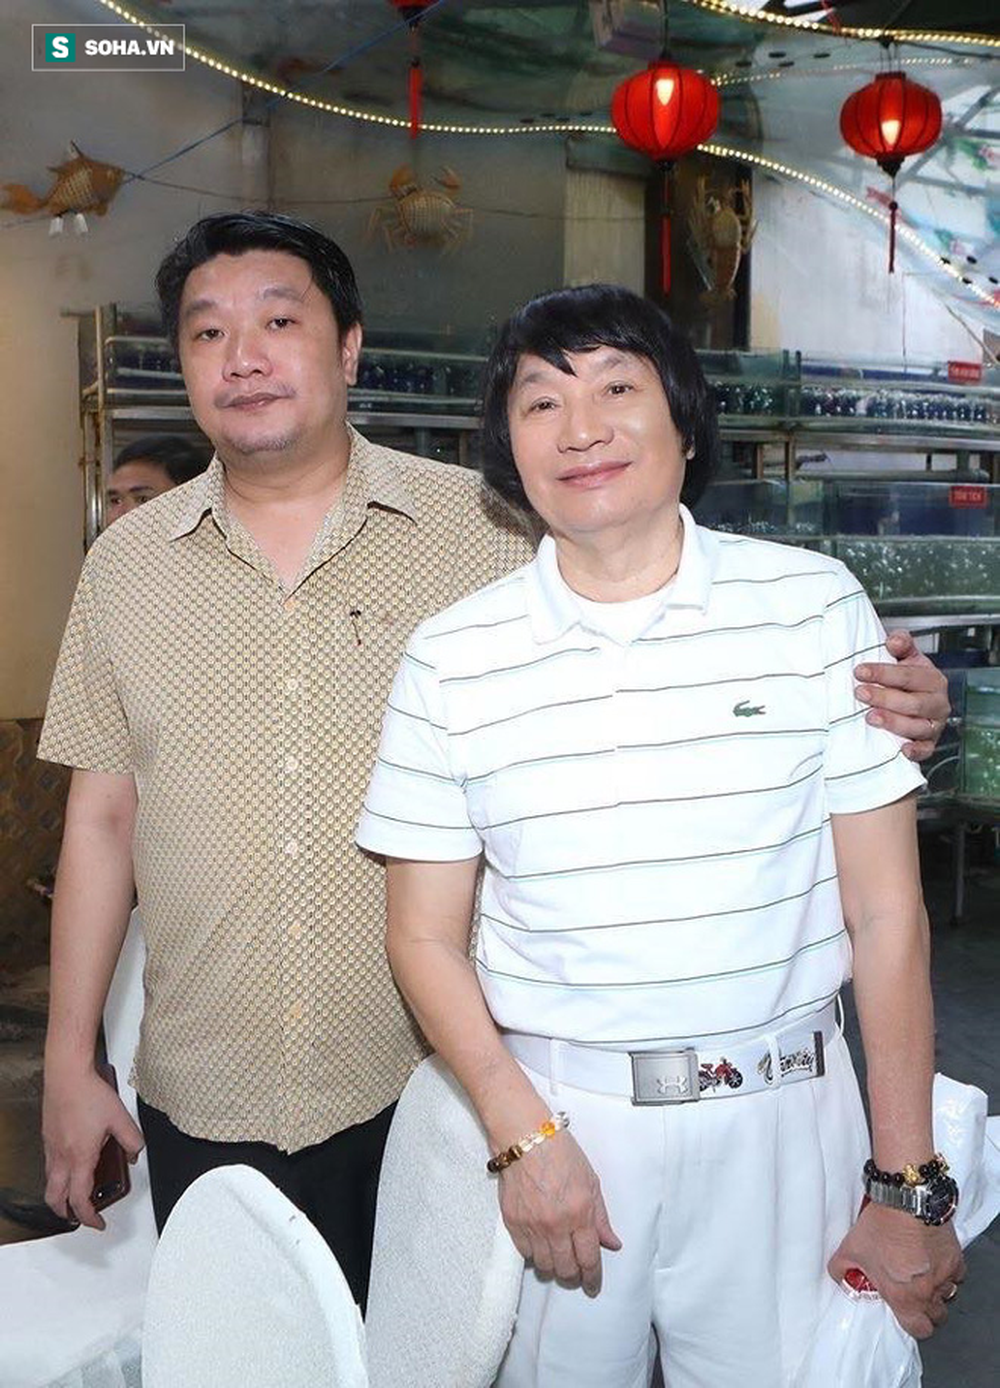 NSND Minh Vương: Người kiệm lời với làn sóng chỉ trích mình, muốn hiến tạng khi qua đời - Ảnh 4.